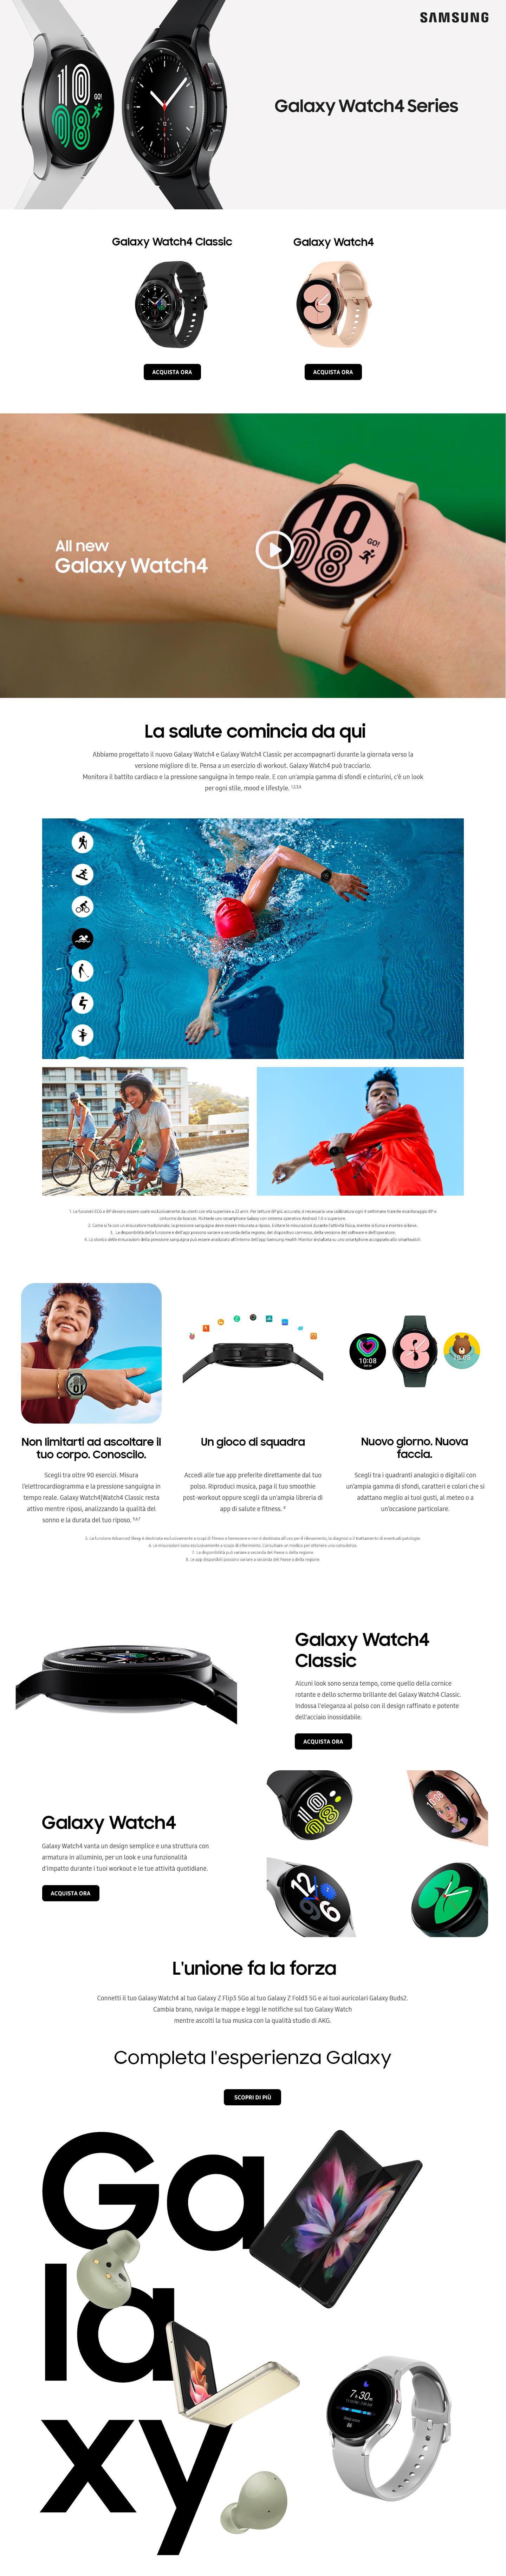 Promozione Smartphone e telefonia: Samsung Watch 4